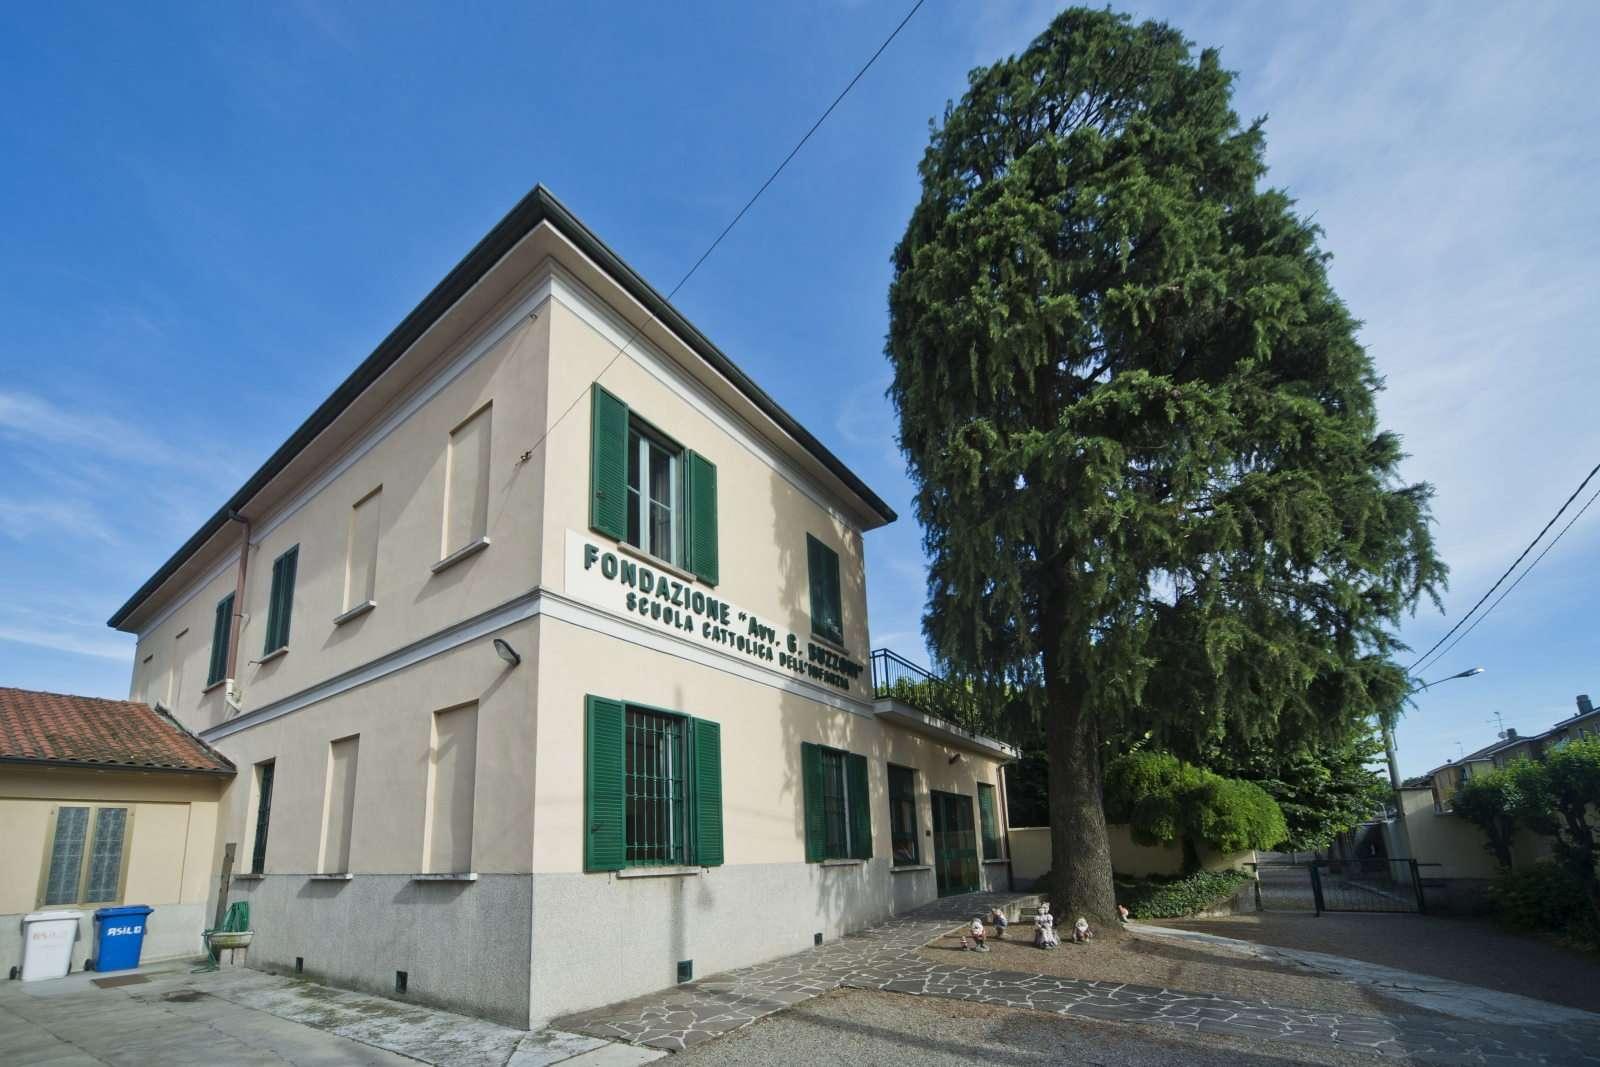 013 D4C 5561 Ridotte - Scuola Materna Peschiera Borromeo